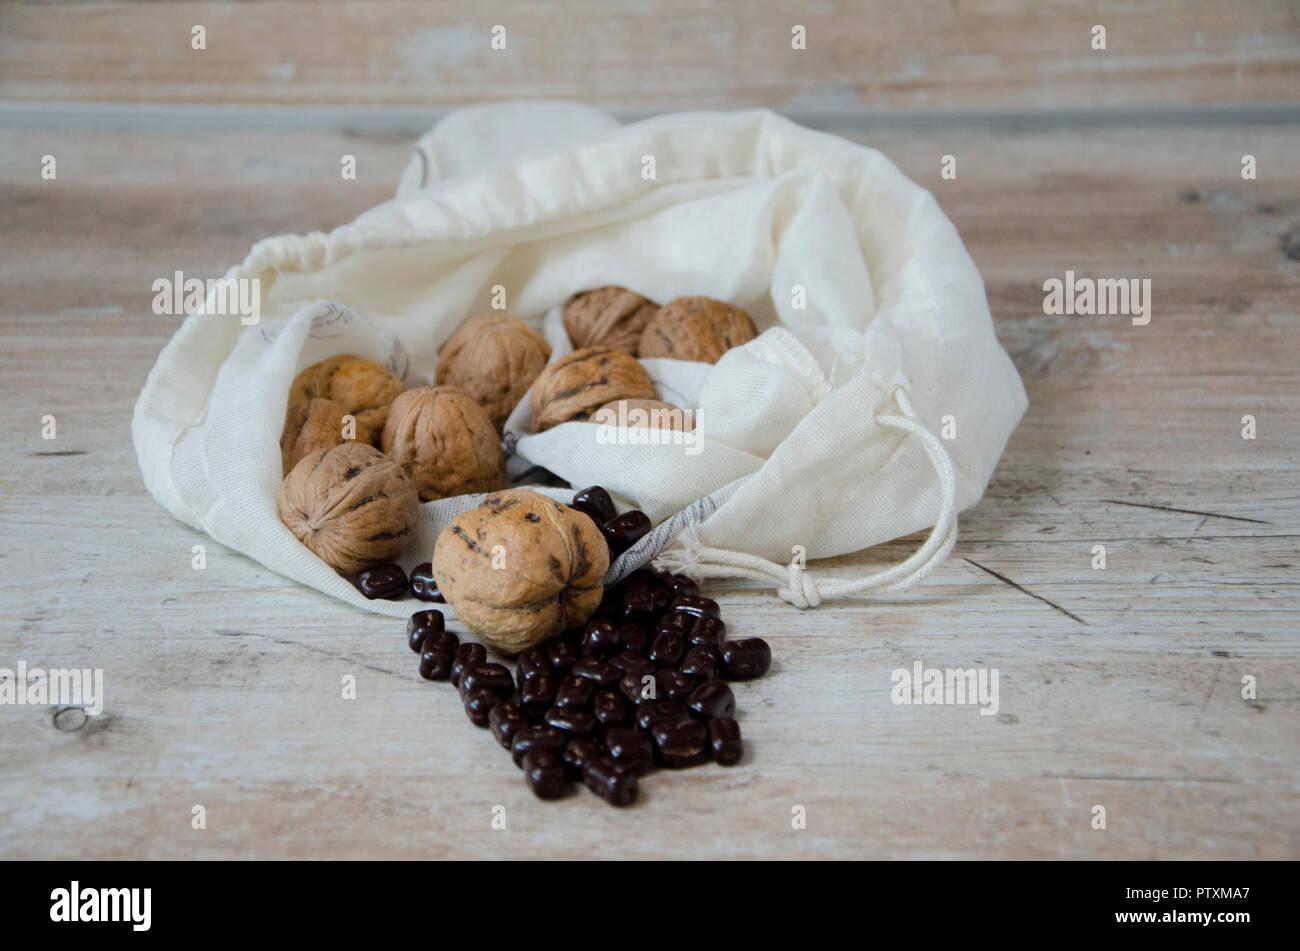 Walnüsse in eine Tasche mit Schokolade Bohnen auf einem hölzernen Küchentisch Stockbild